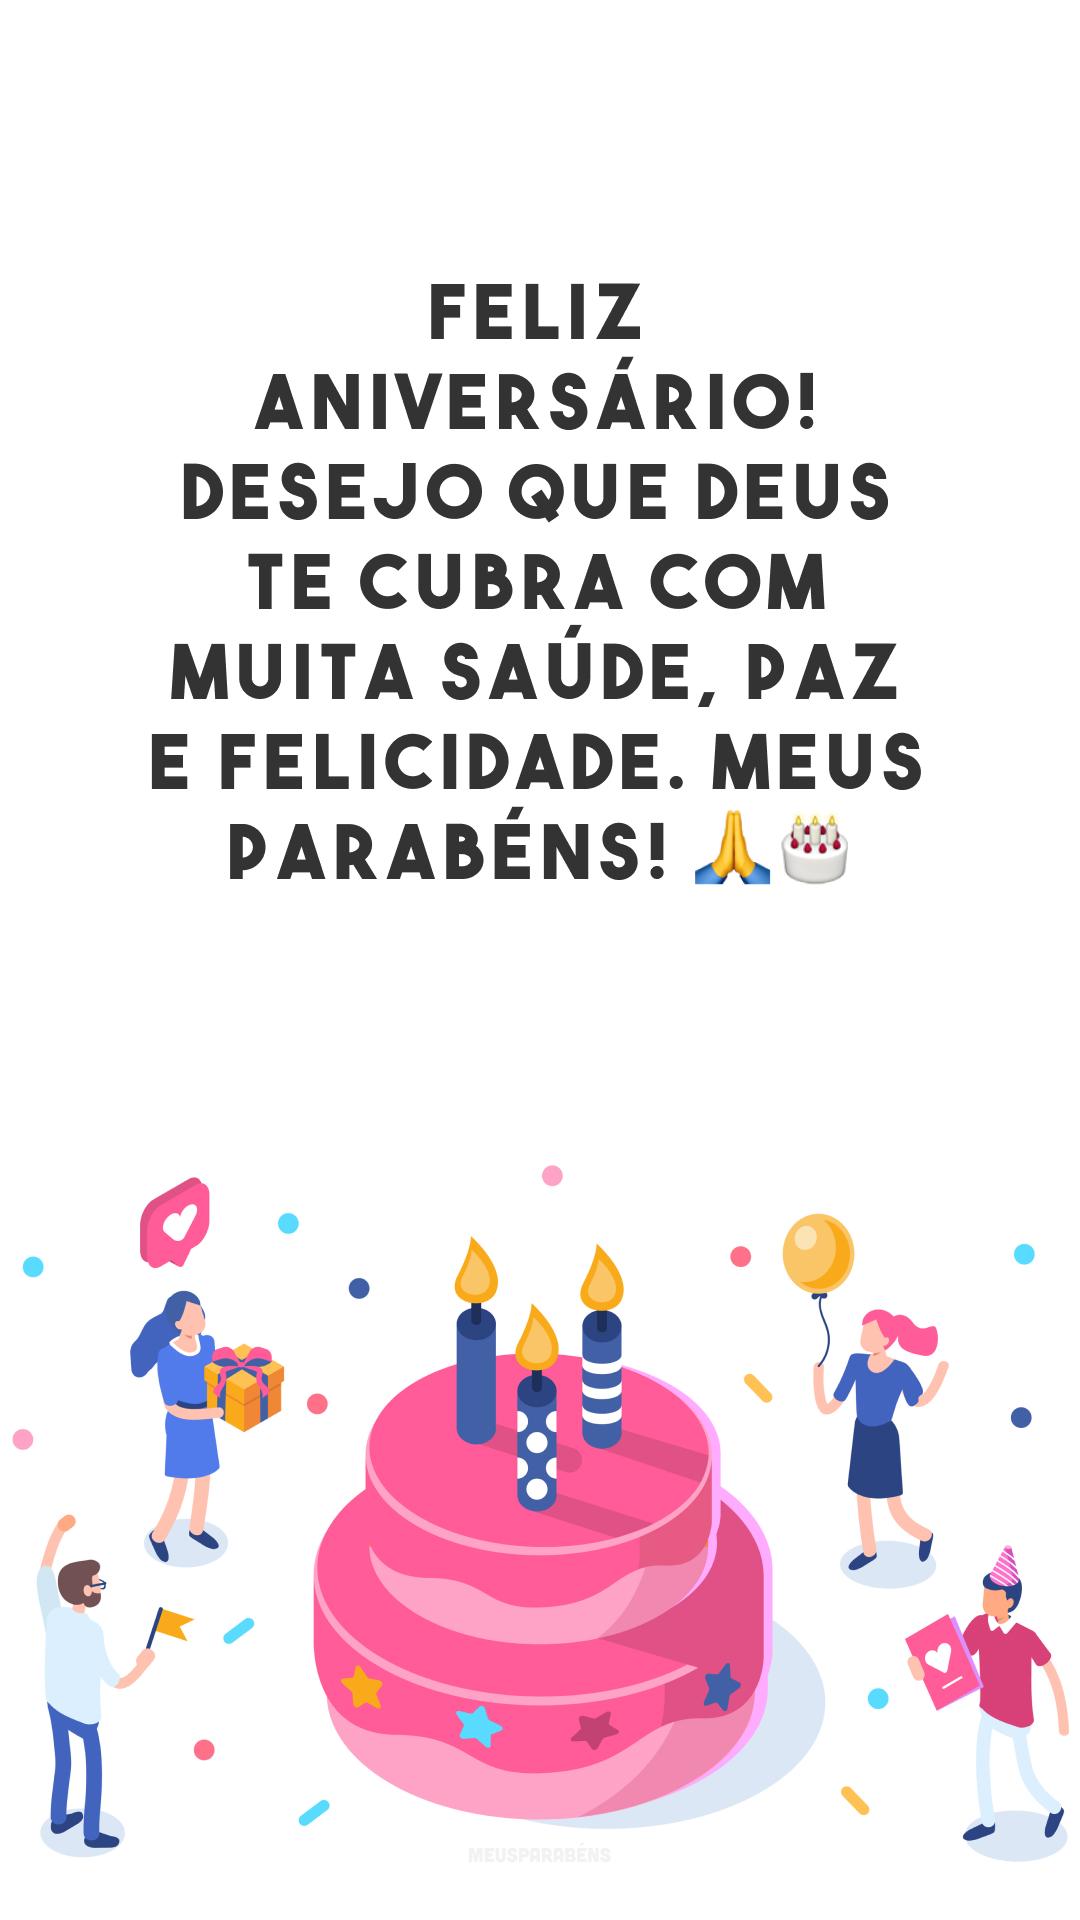 Feliz aniversário! Desejo que Deus te cubra com muita saúde, paz e felicidade. Meus parabéns! ??